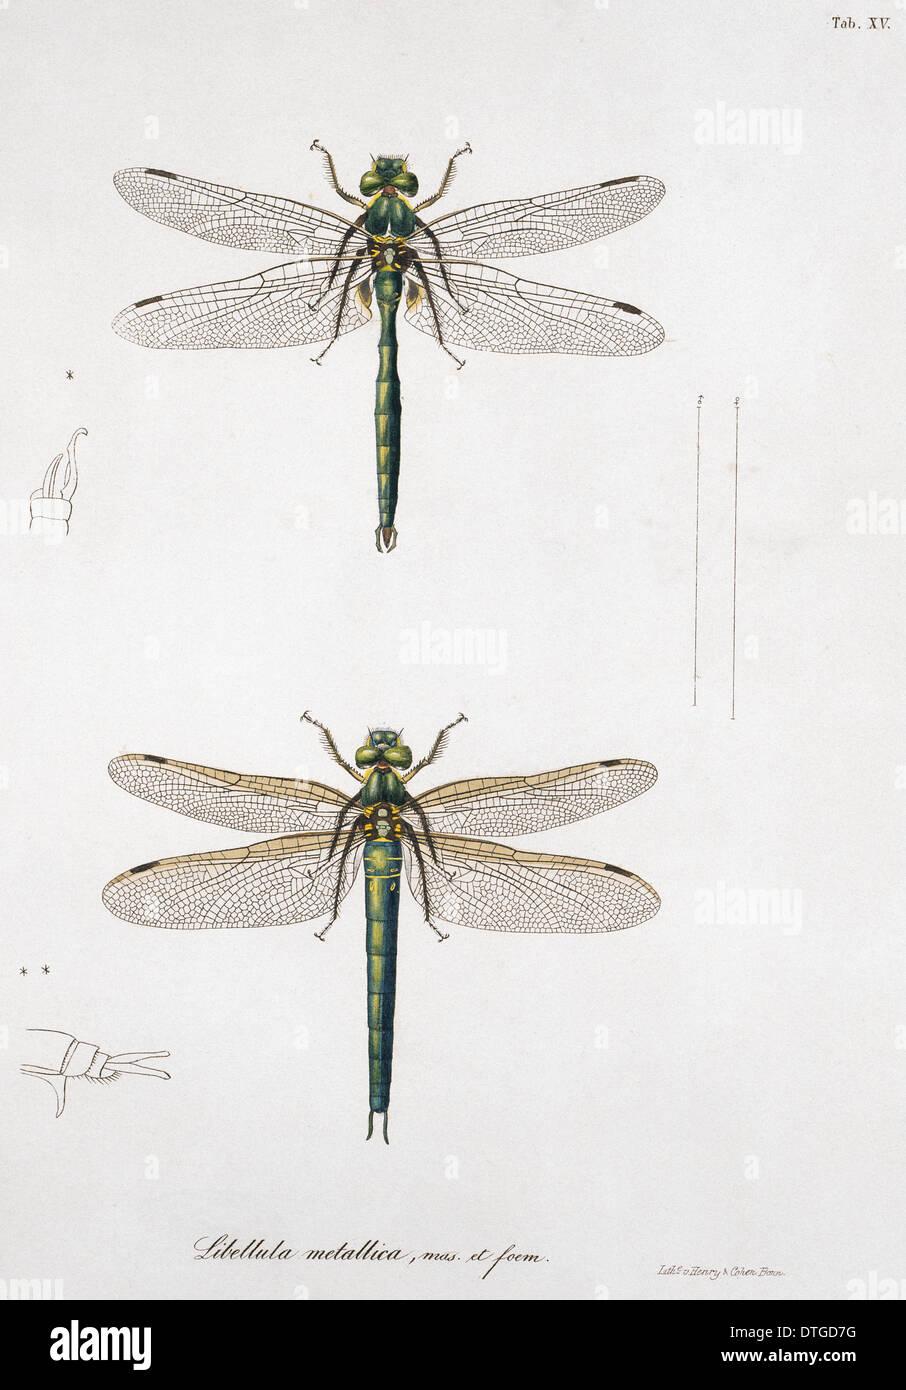 15 Plaque de Libellulinae Europaeae par de Charpentier Photo Stock